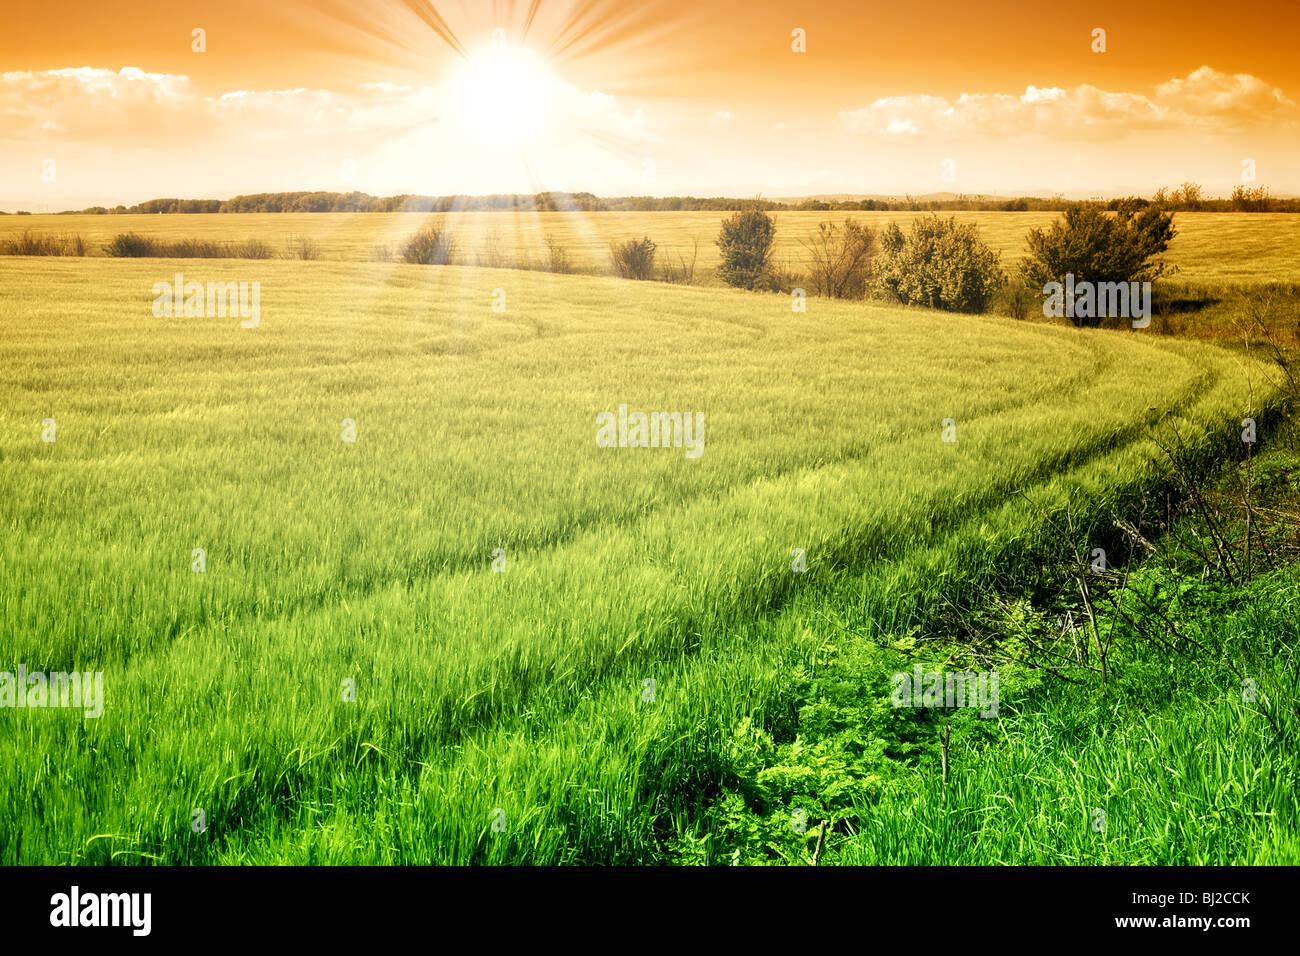 Domaine de grain vert frais et ensoleillé ciel orange Photo Stock